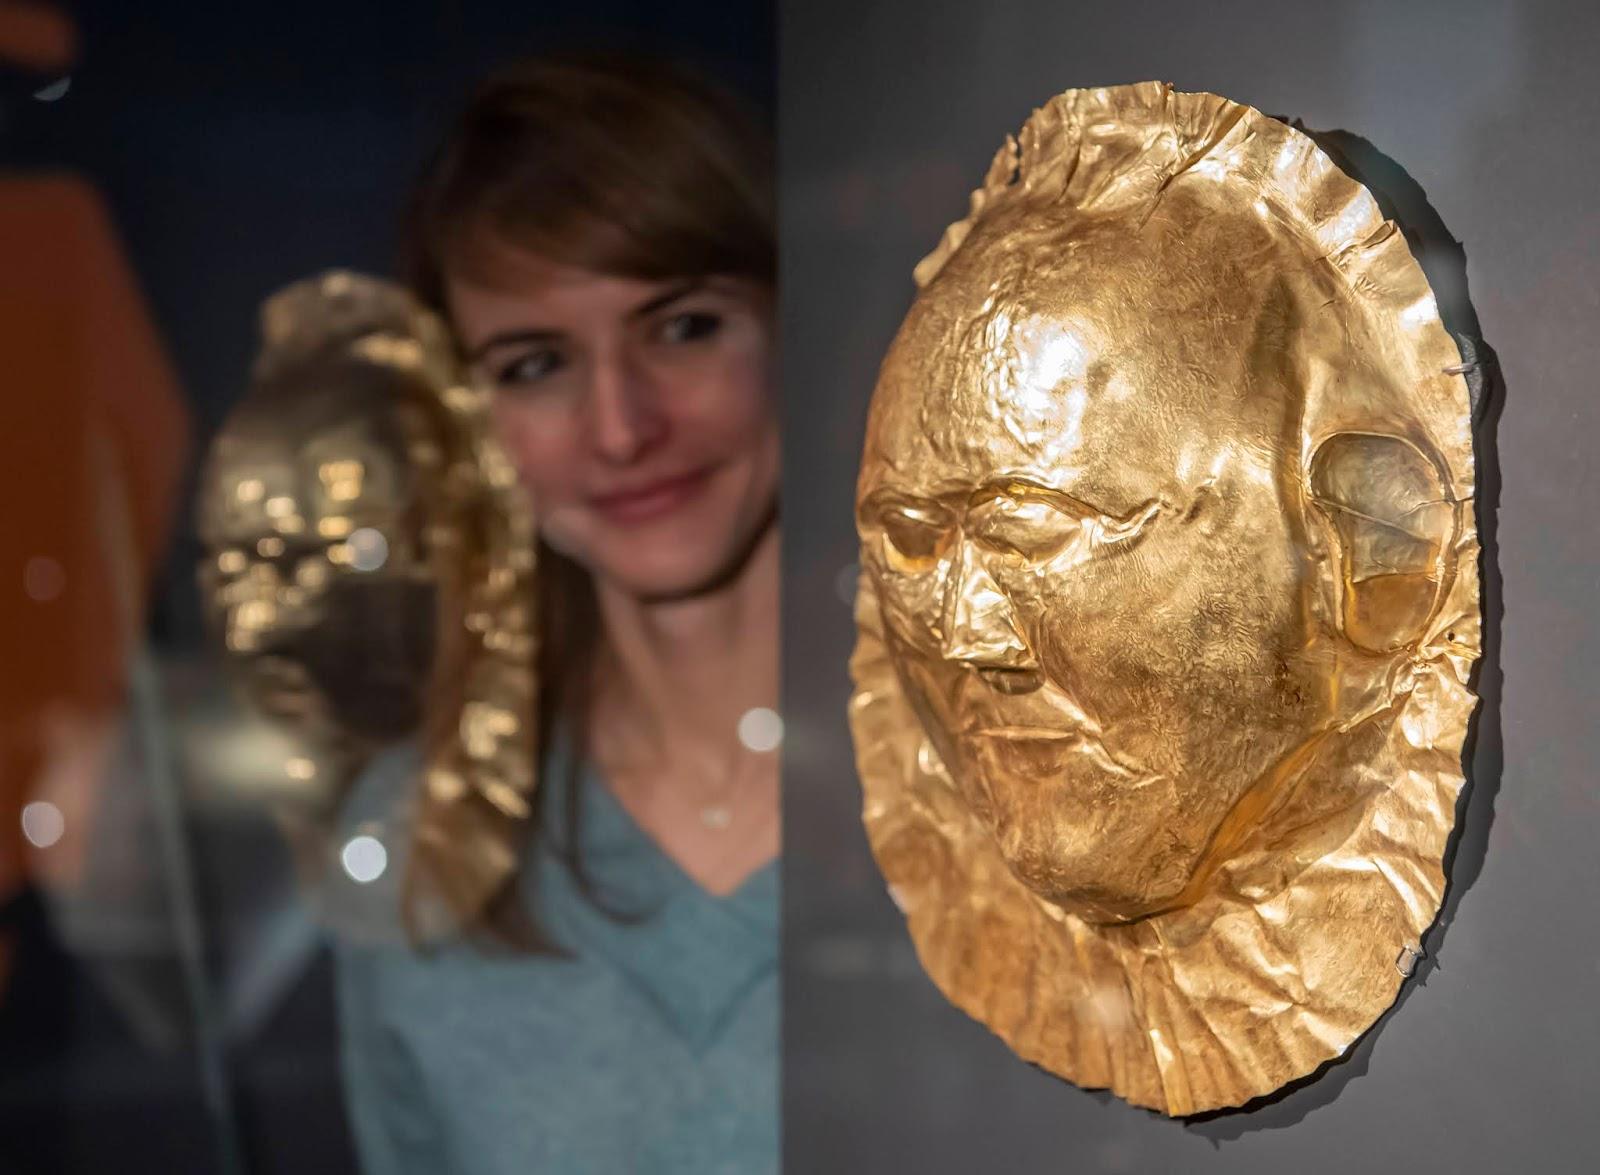 Εγκαίνια της έκθεσης  «Μυκήνες  Ο μυθικός κόσμος του Αγαμέμνονα» στην  Γερμανία 5f29b008238